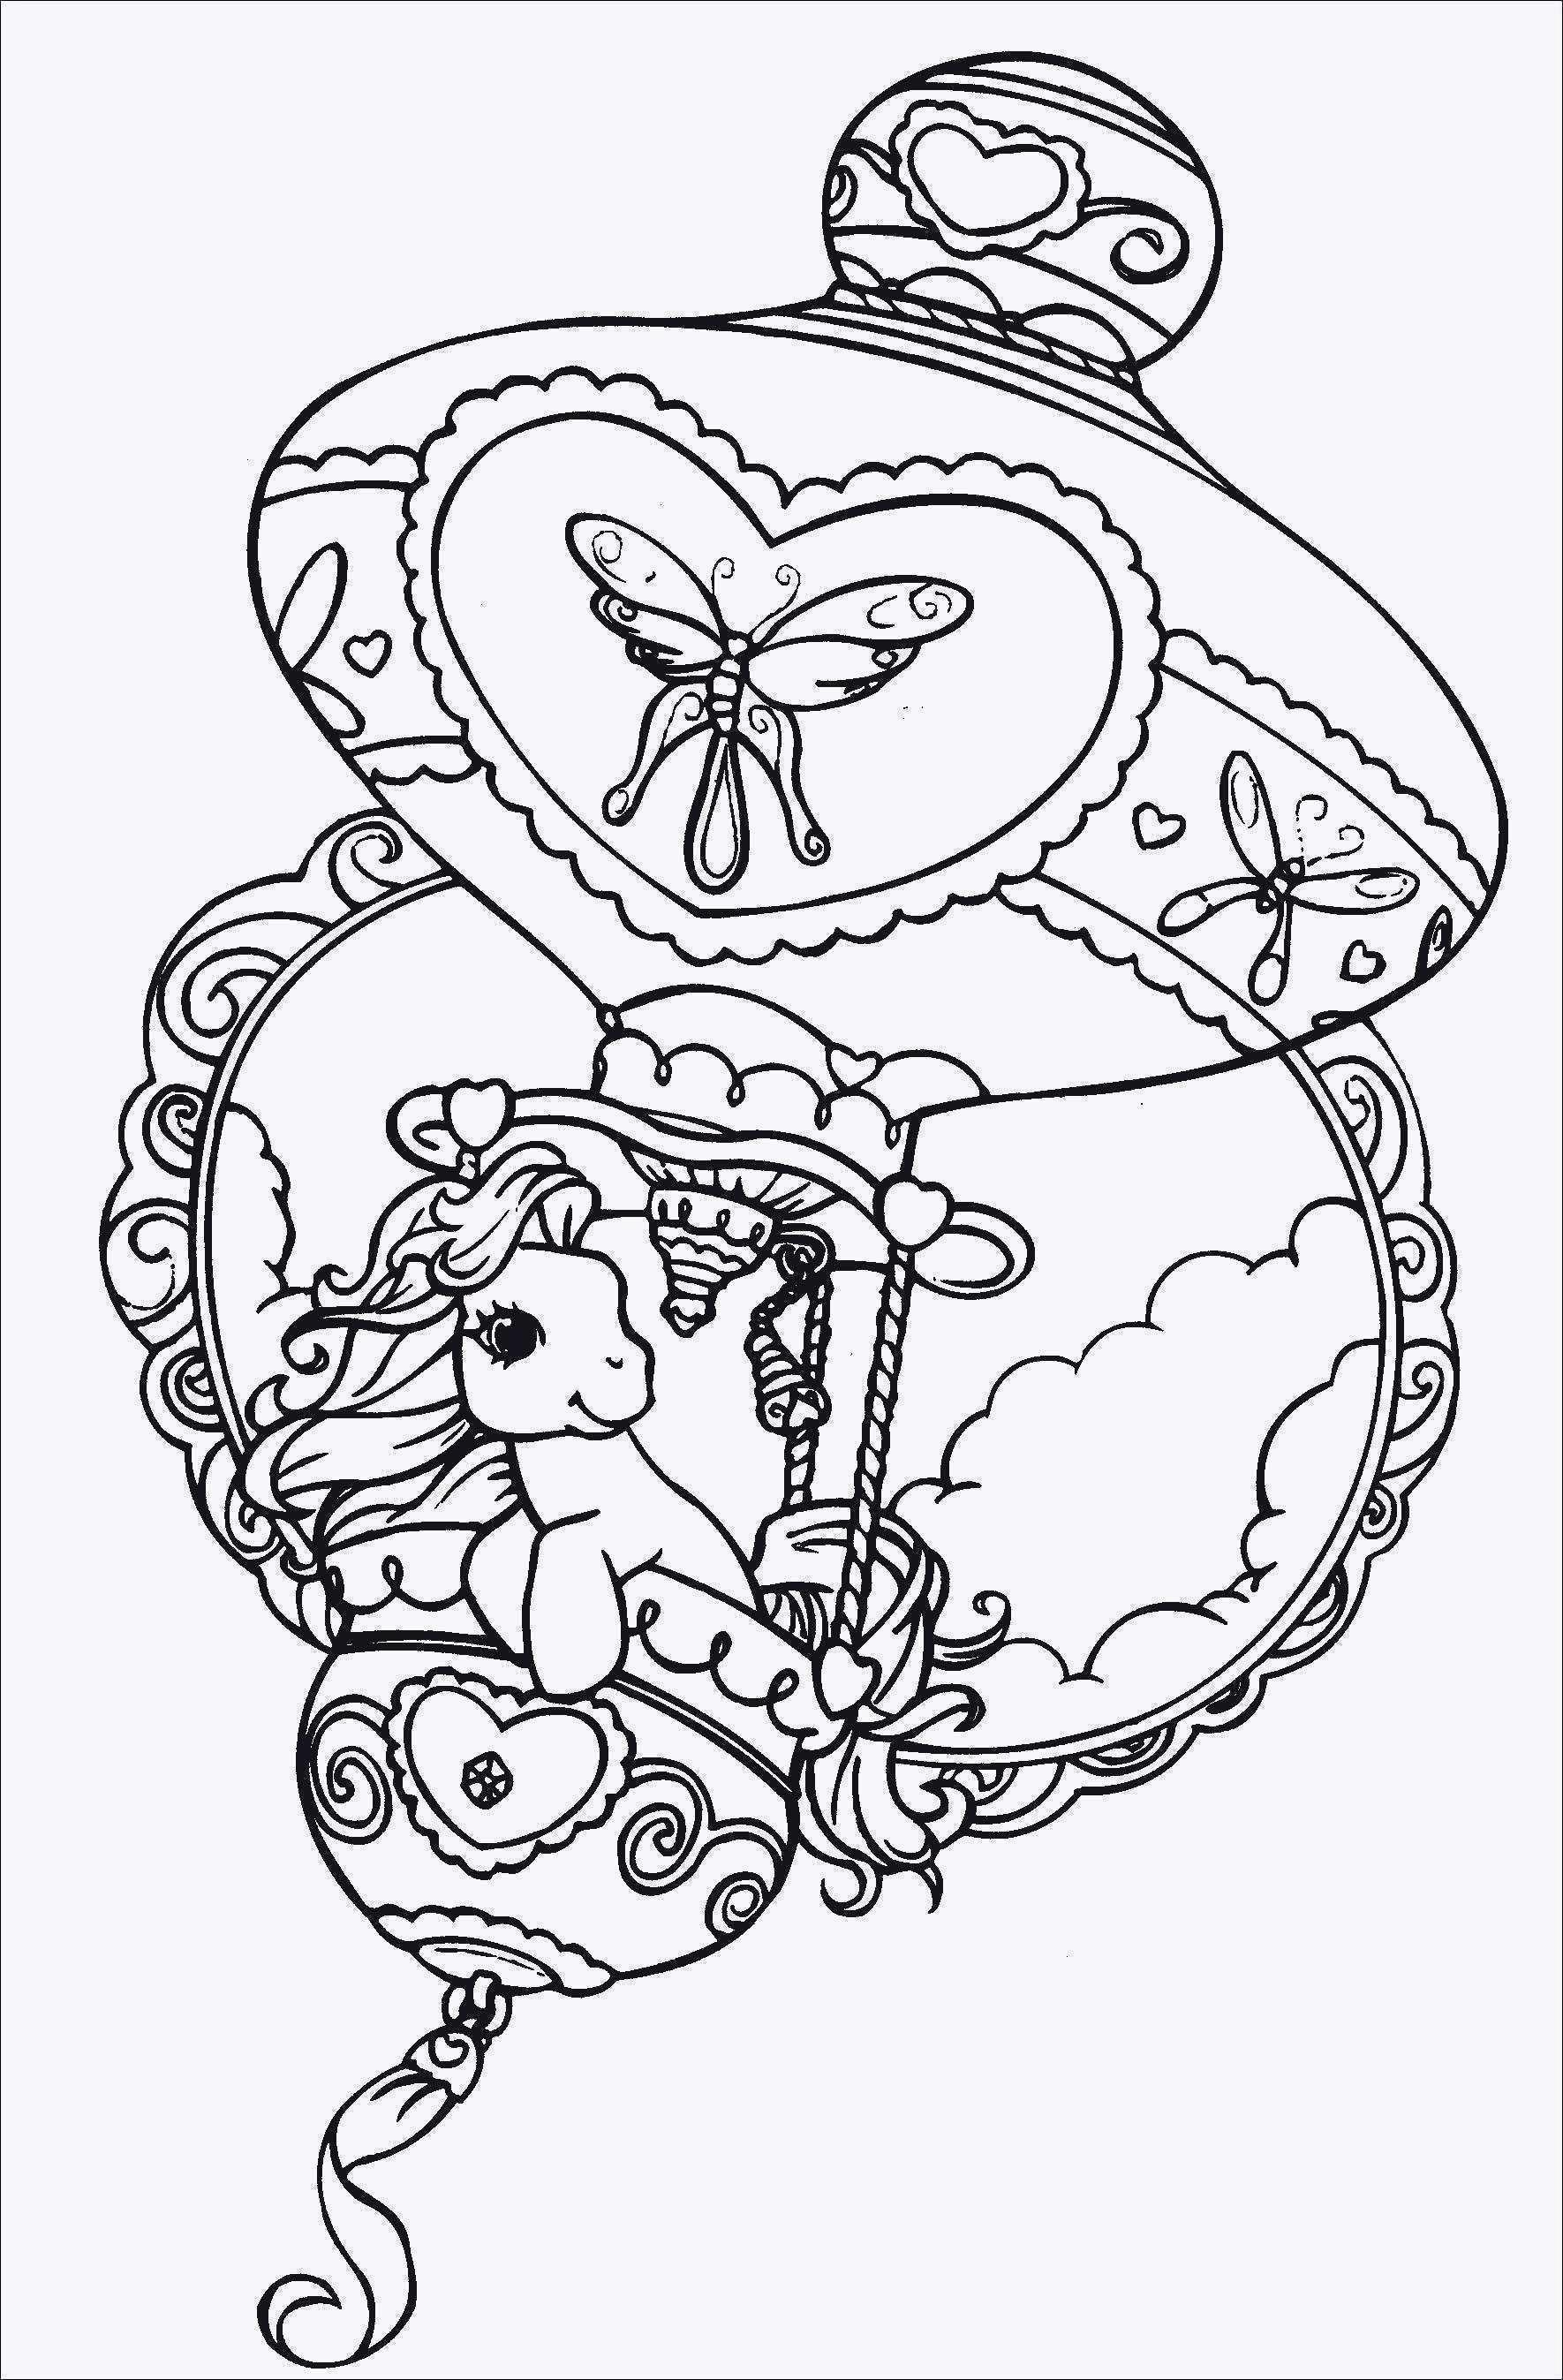 My Little Pony Pinkie Pie Ausmalbilder Das Beste Von Pinkie Pie Ausmalbilder Foto Zebra Ausmalbilder Uploadertalk Fotografieren